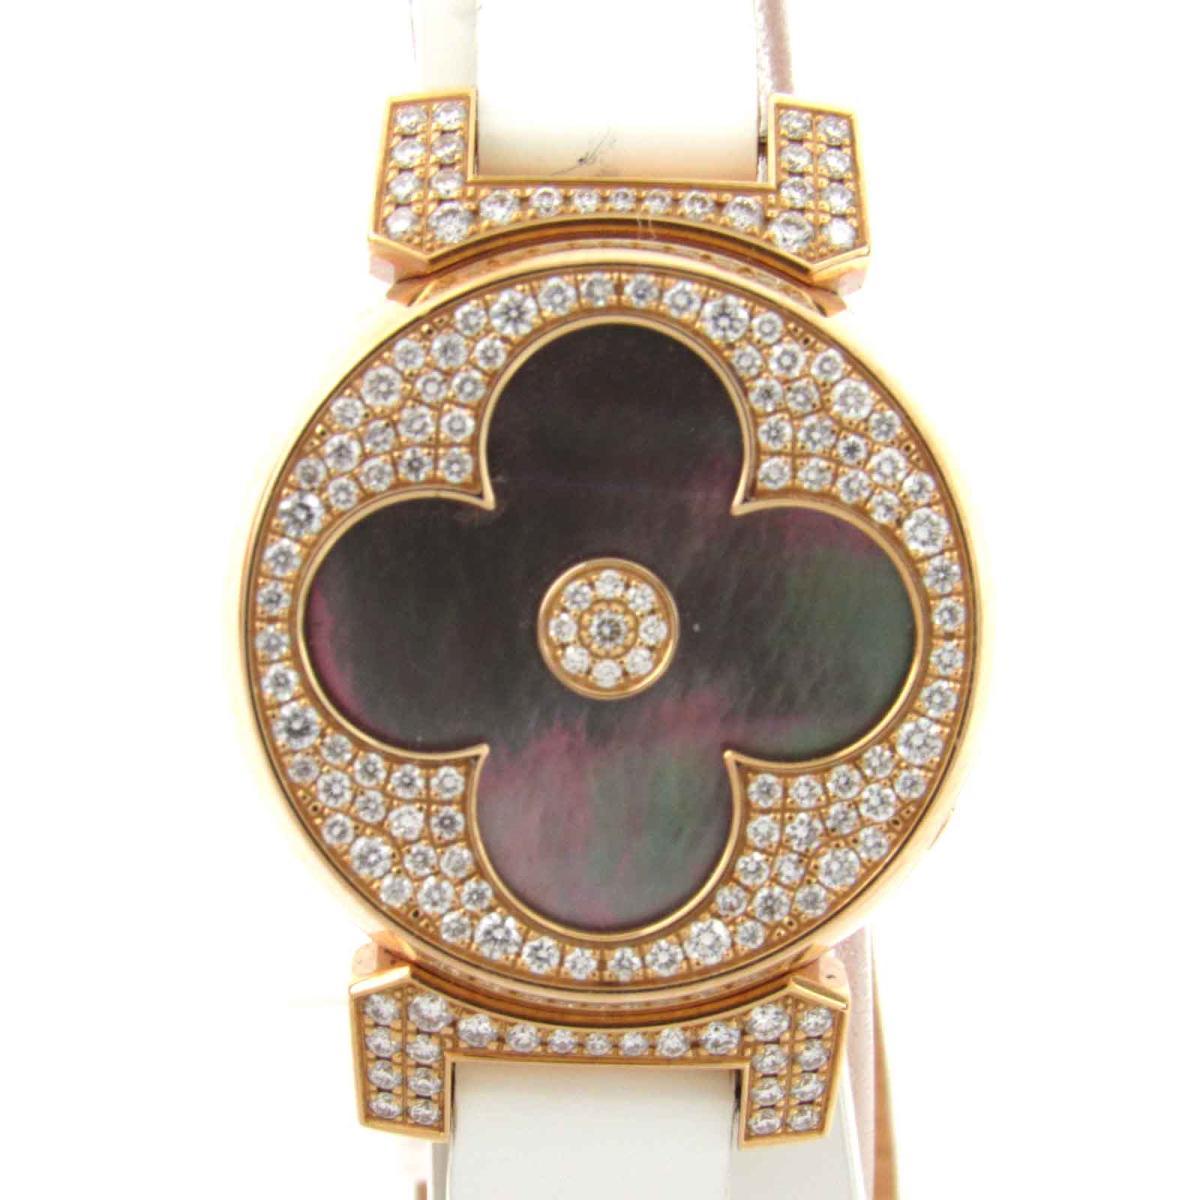 タンブールビジュシークレット ダイヤベゼル・ダイヤル ウォッチ 腕時計